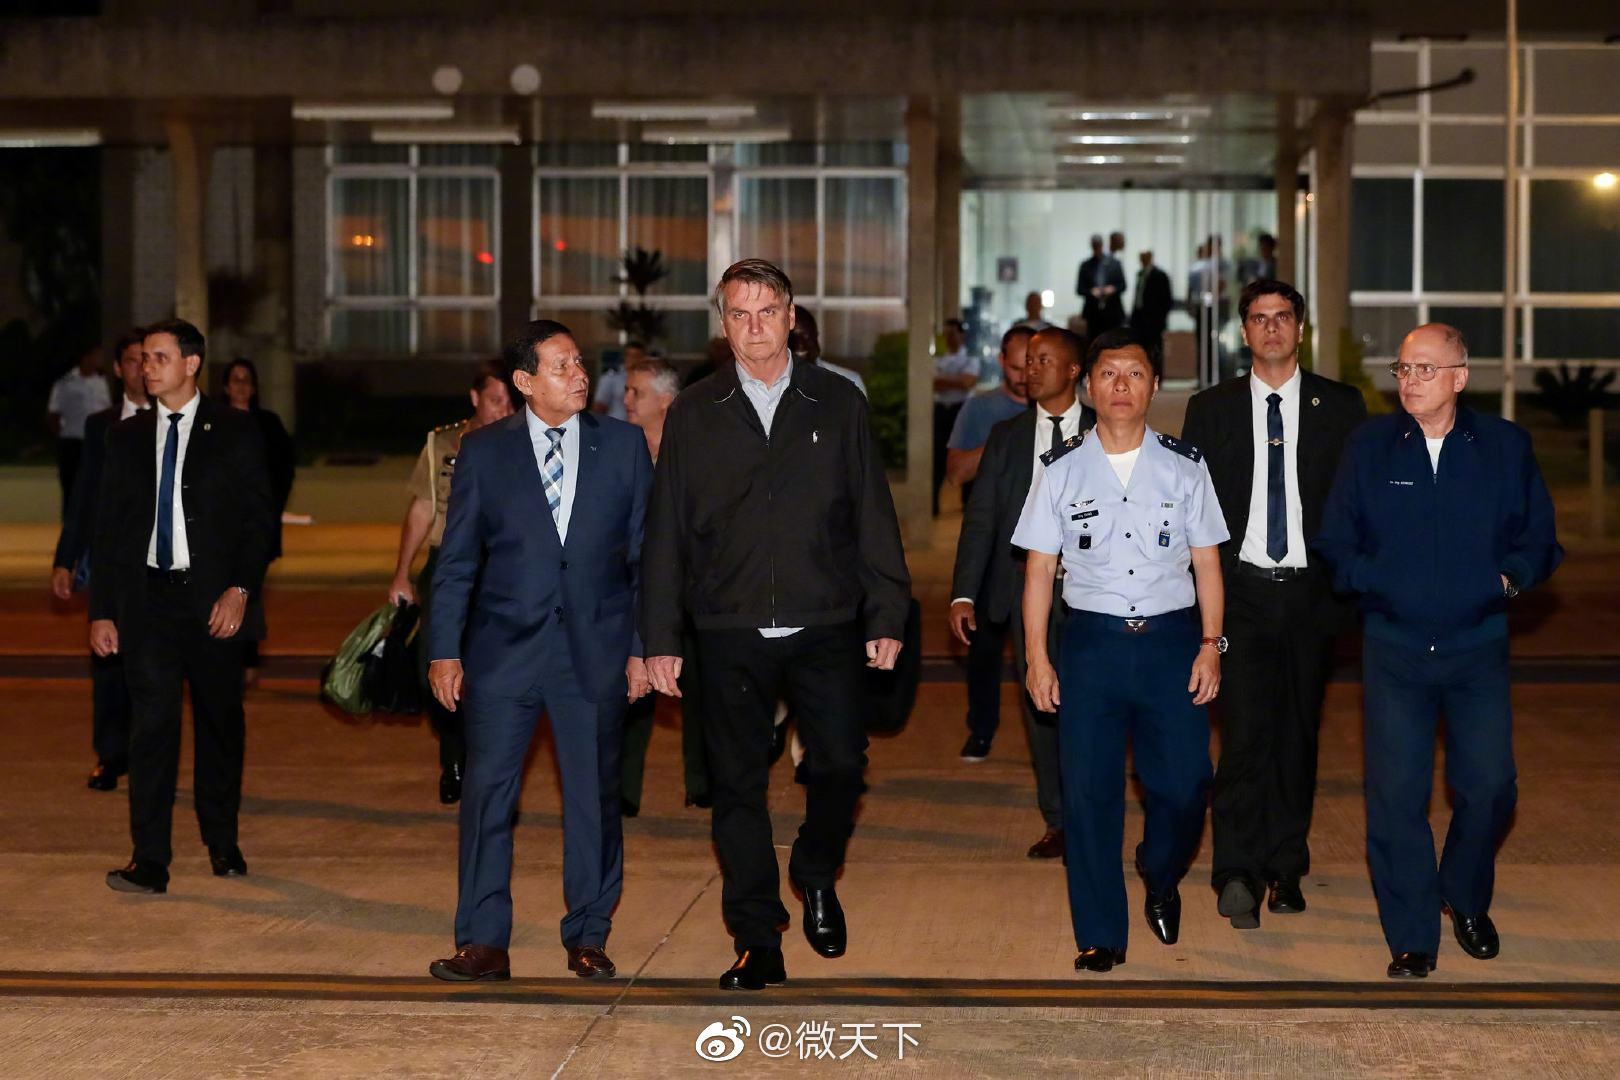 巴西总统去参加G20峰会 随行军官行李里被查出毒品